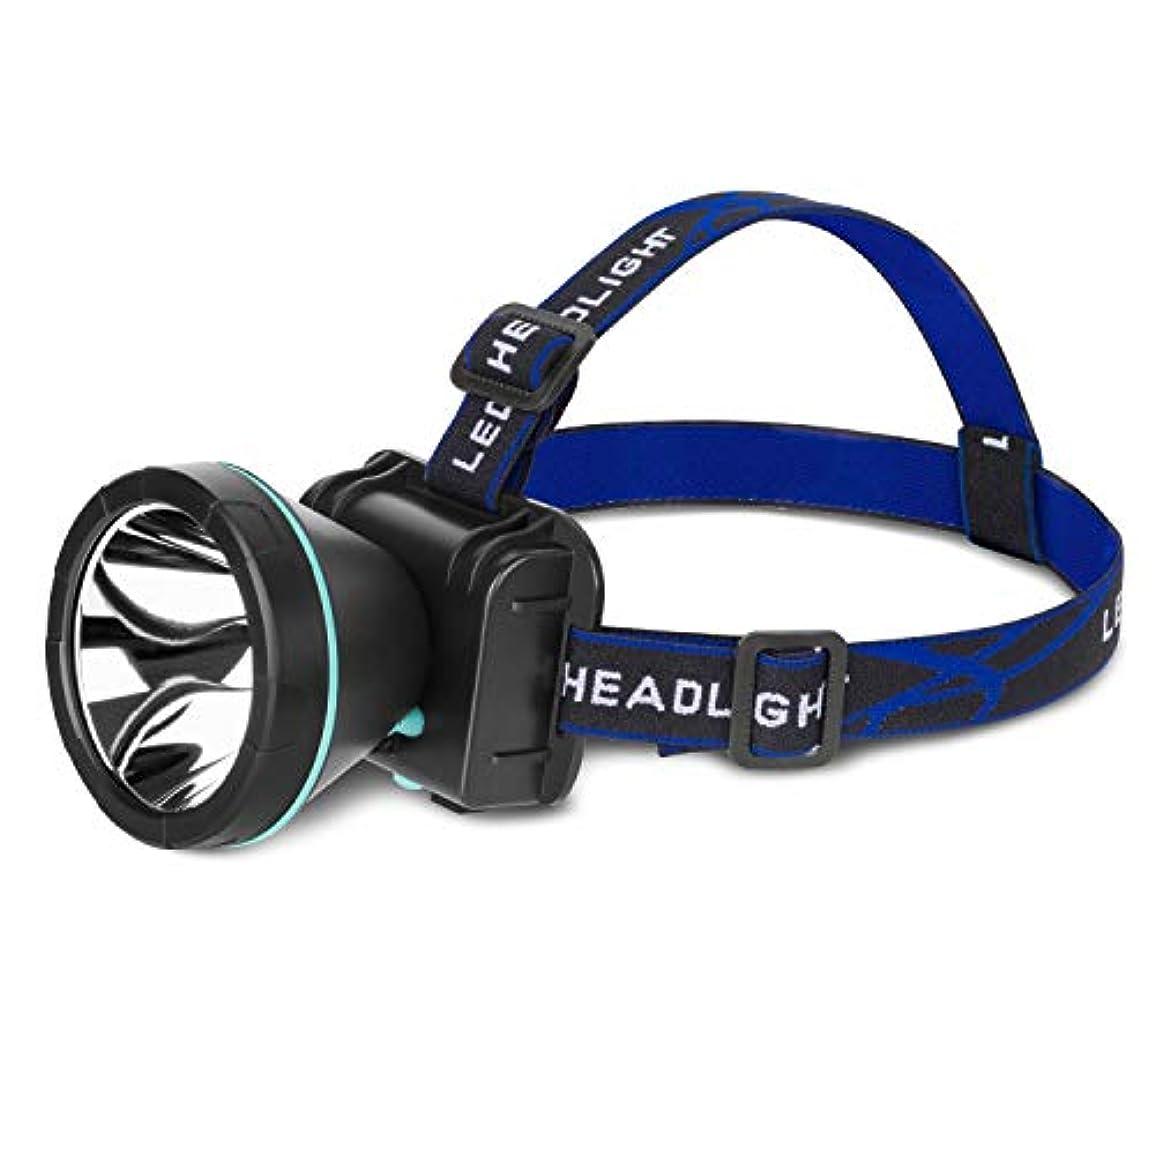 感情の痴漢ビデオLEDグレア照明ヘッドランプ300メートルロングショットランプ懐中電灯屋外長距離USB充電式LED釣りライトナイトライディングIPX4防水スーツ90度ヘッドライトを調整する